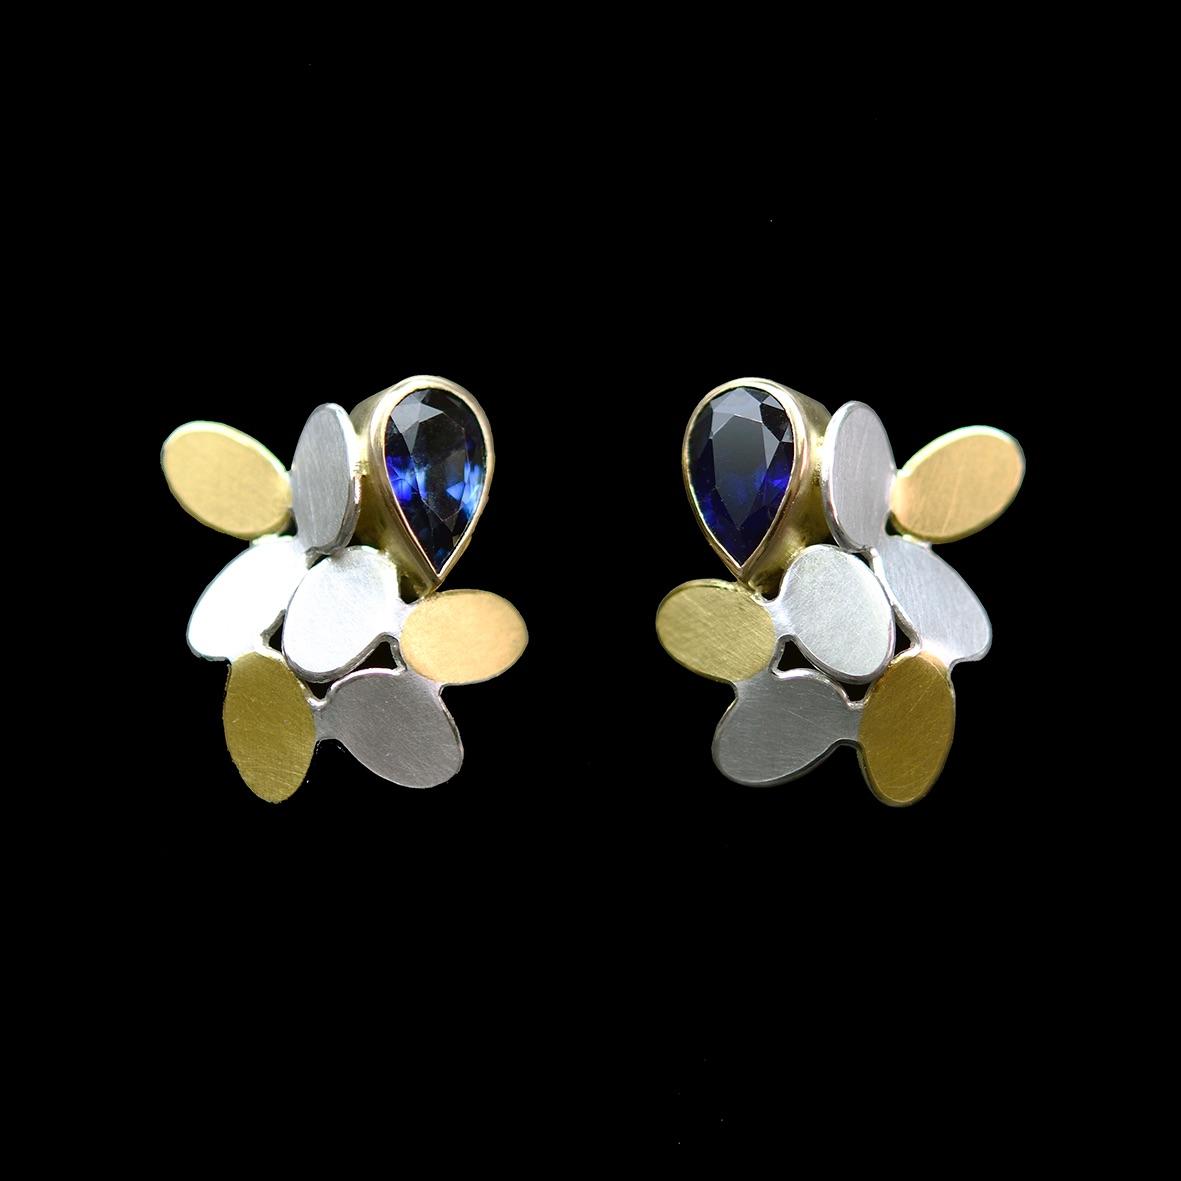 Random pattern sapphire earrings